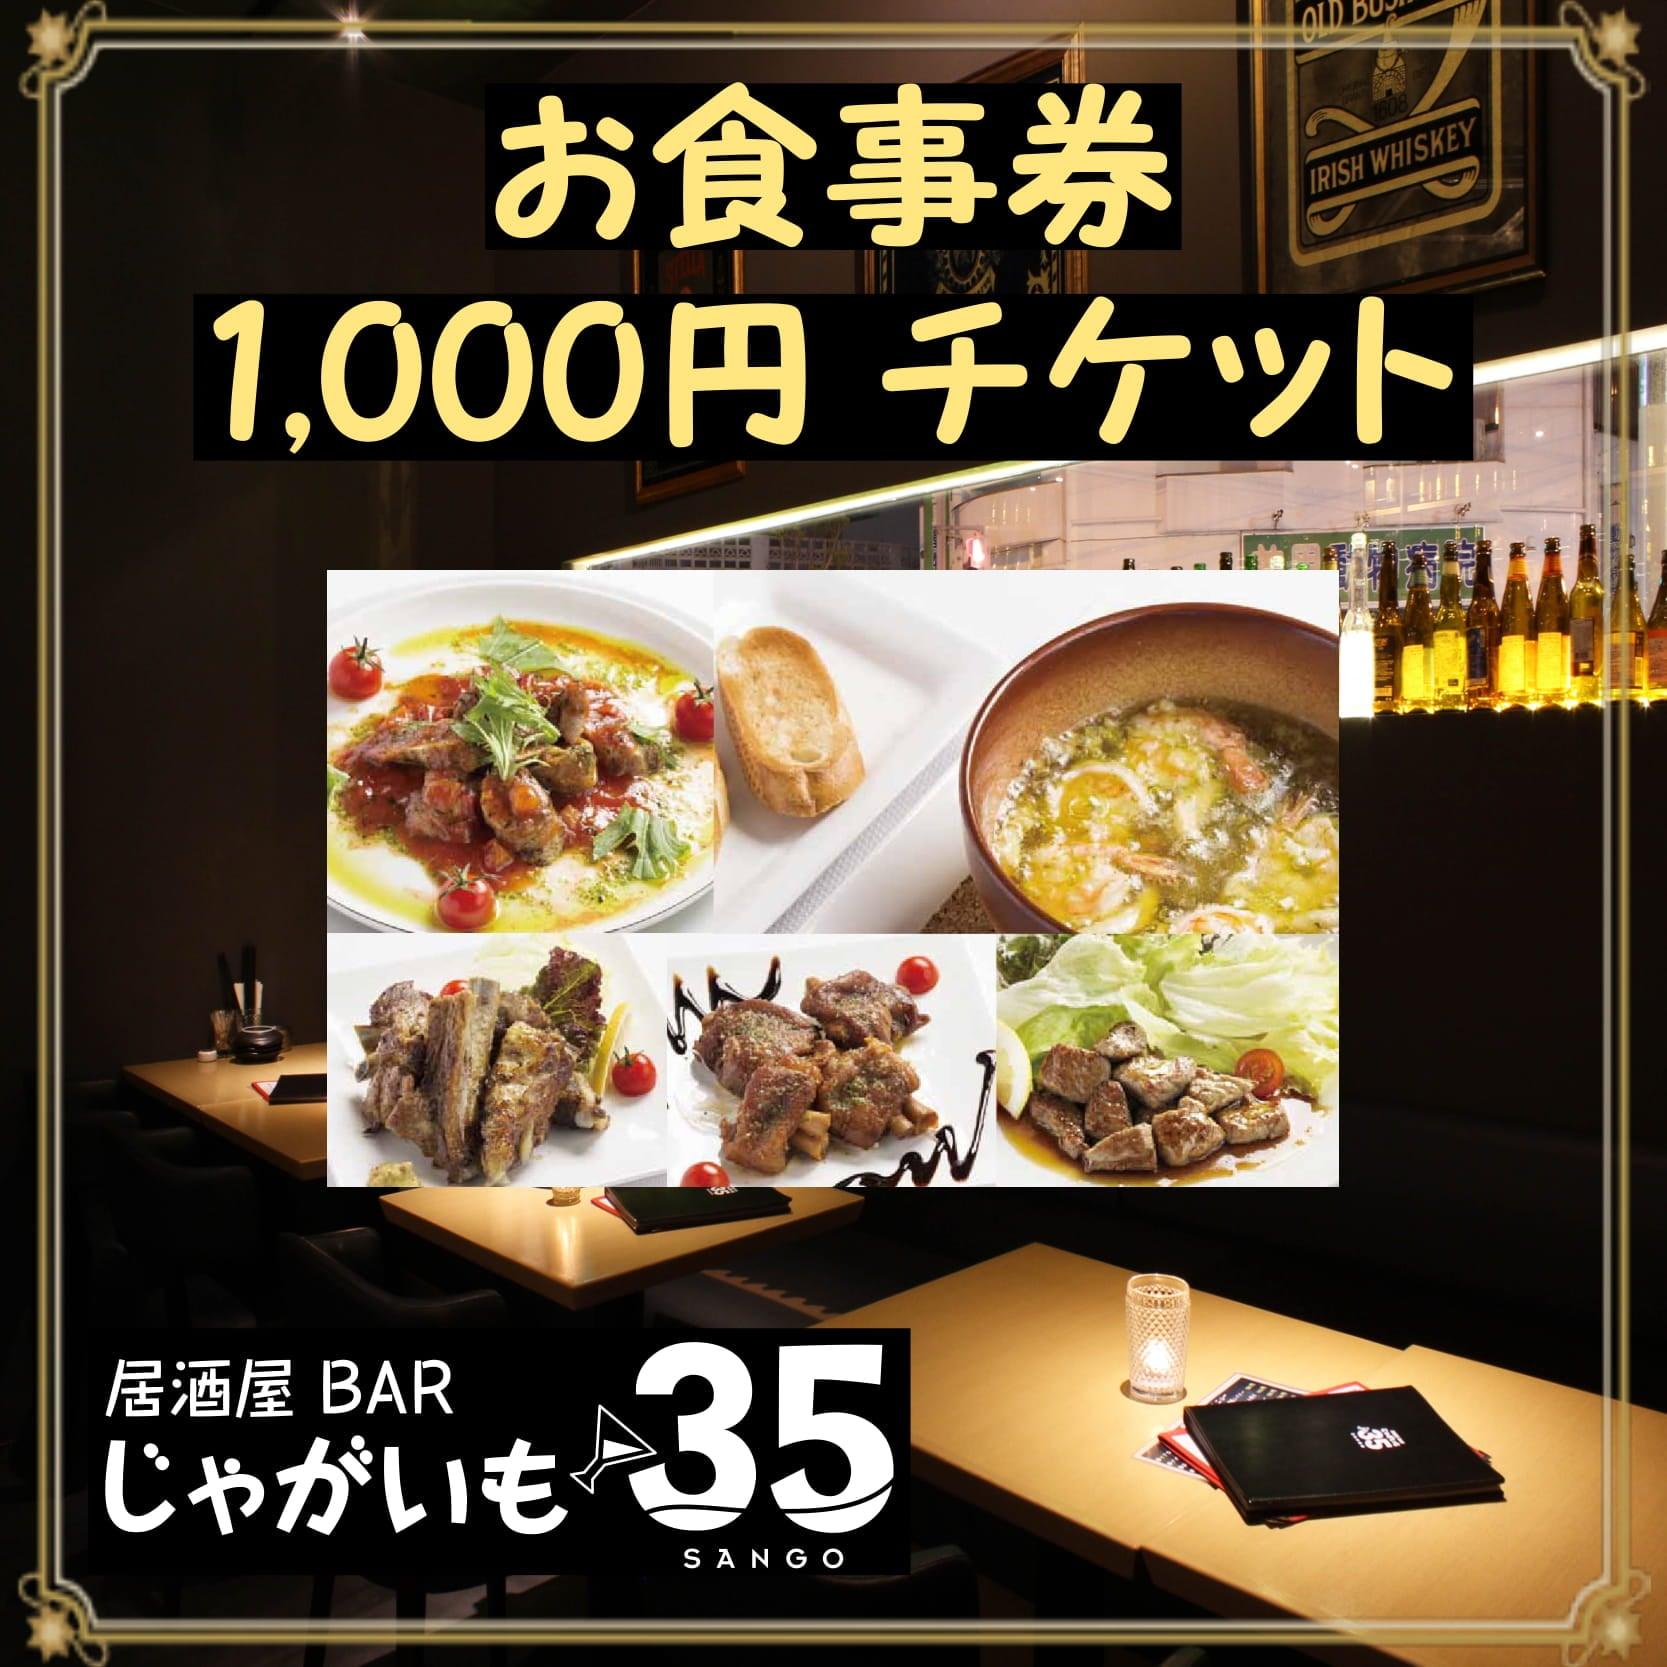 【現地払い専用】お食事券1,000円のイメージその1